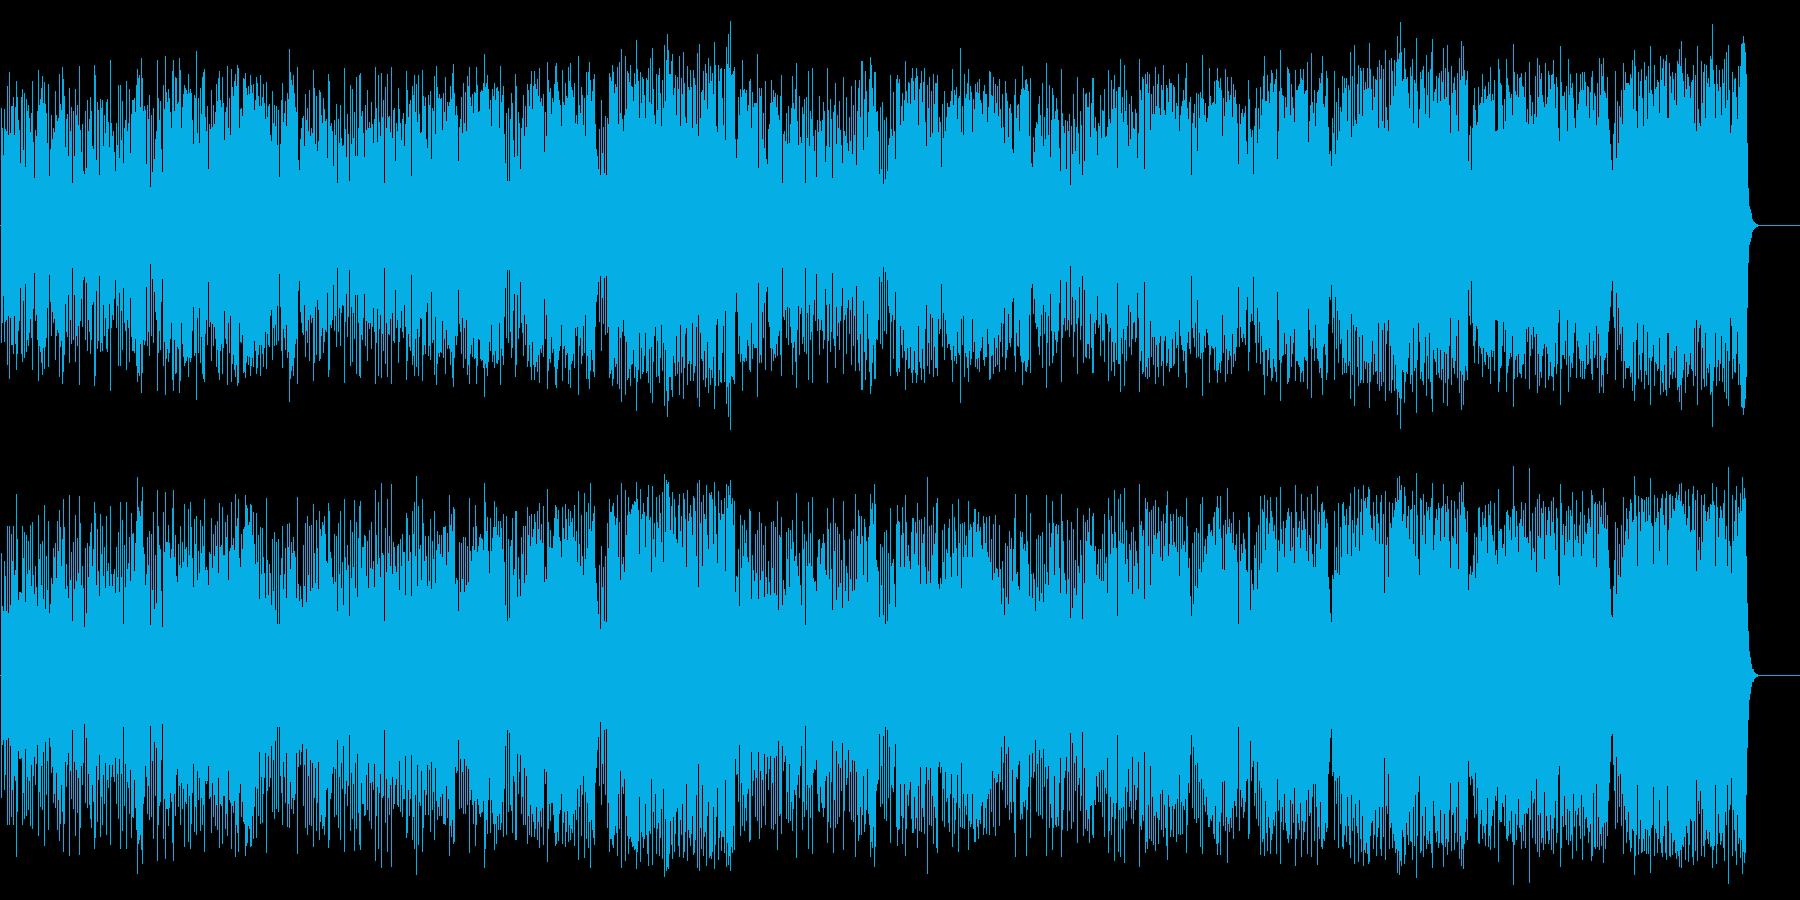 陽気なカントリー風ポップ(フルサイズ)の再生済みの波形